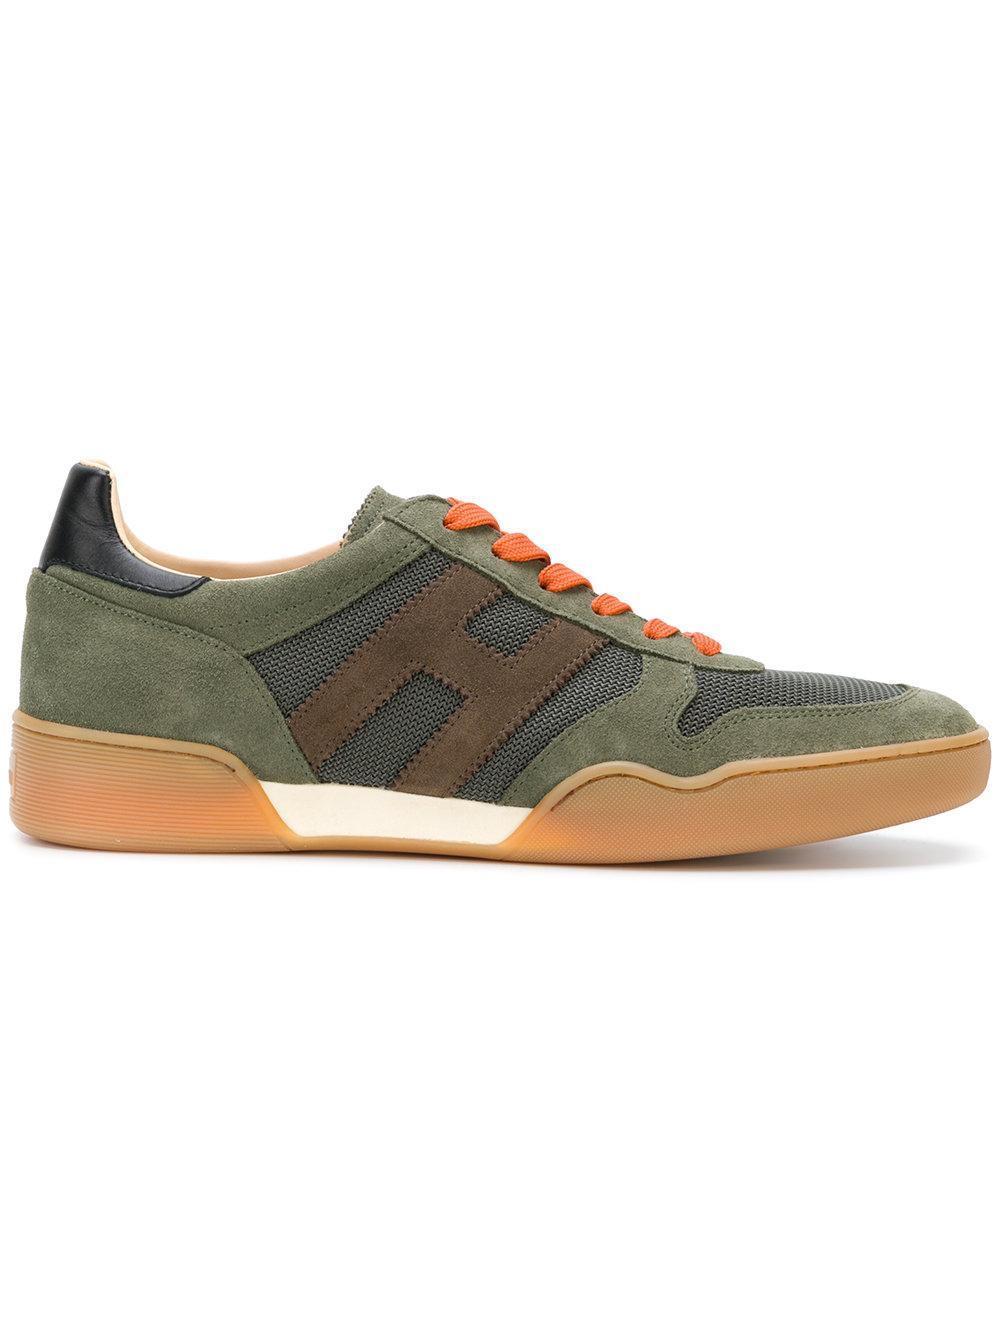 Hogan H357 Green Sneakers